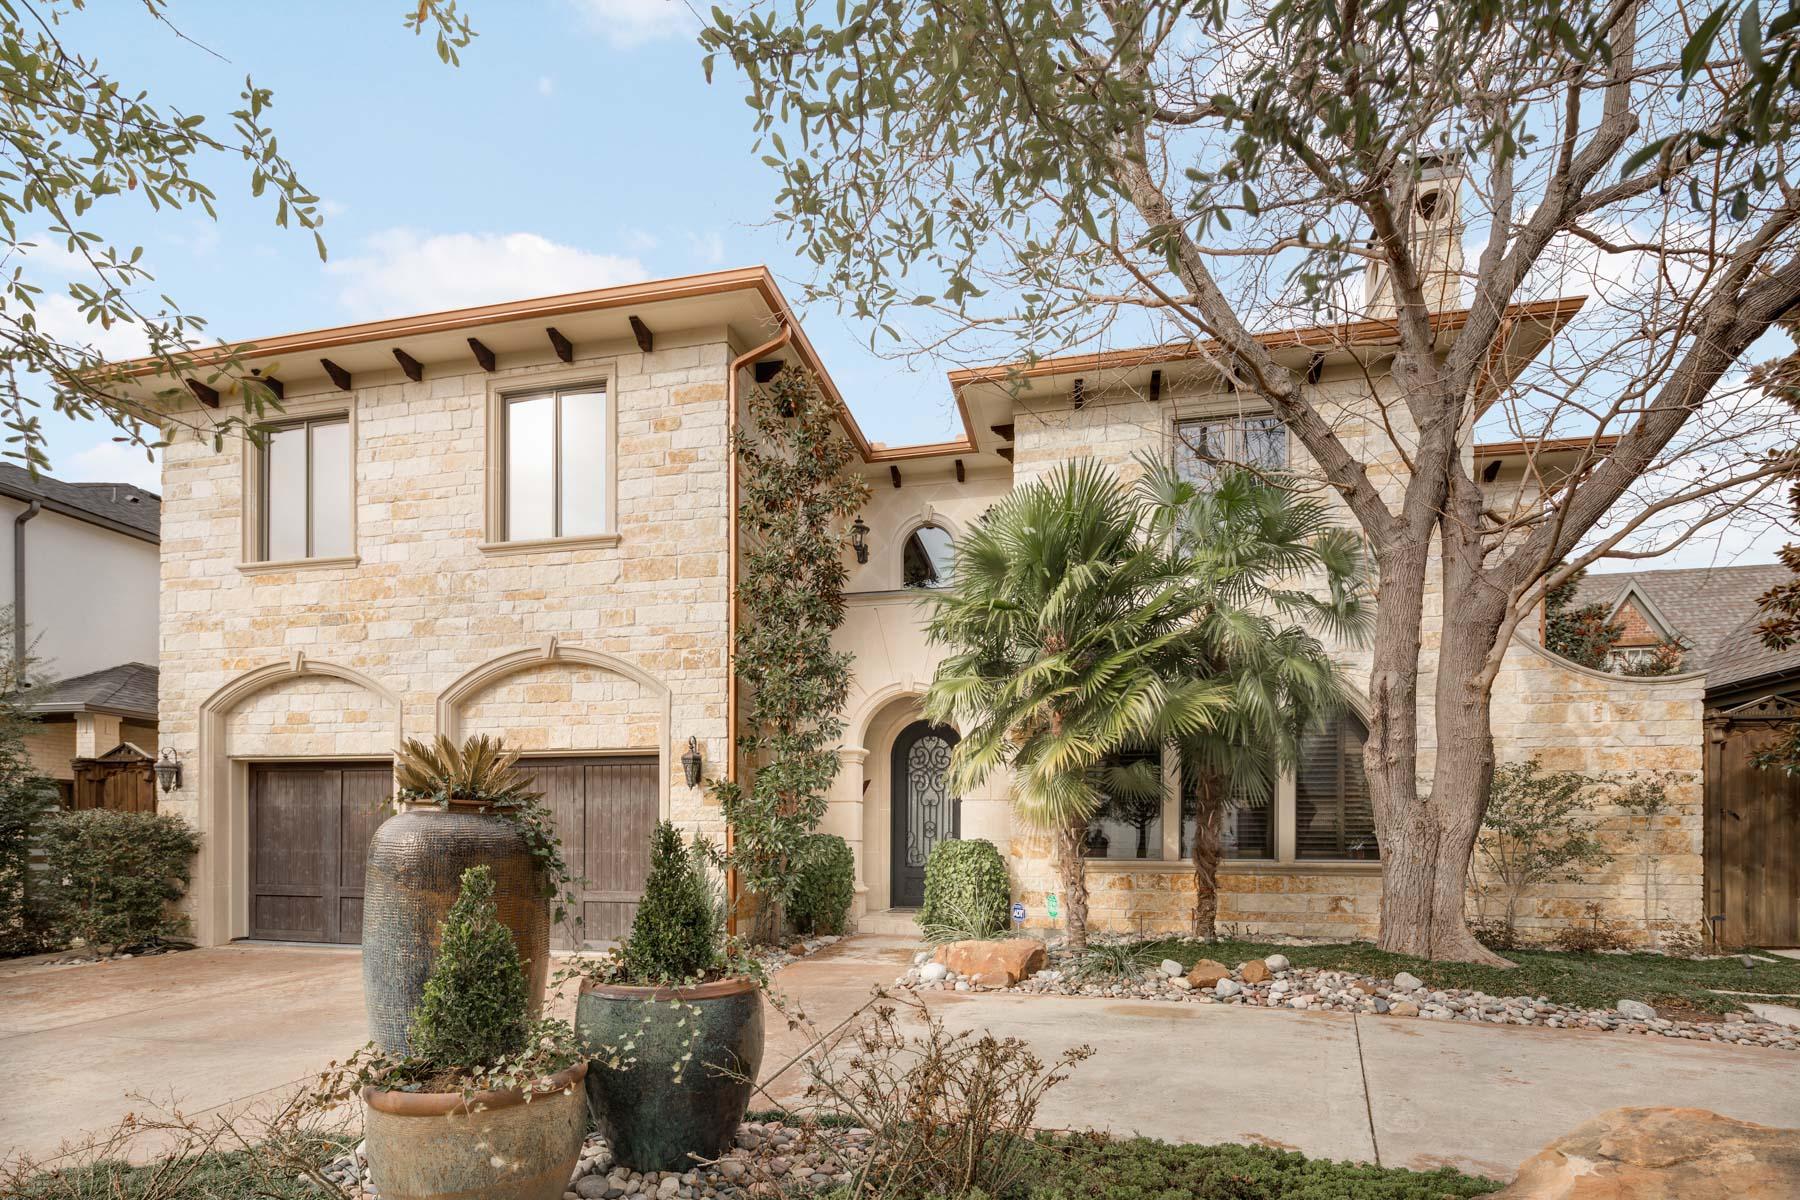 Villa per Vendita alle ore 6725 Northwood Road, Dallas 6725 Northwood Rd Dallas, Texas, 75225 Stati Uniti